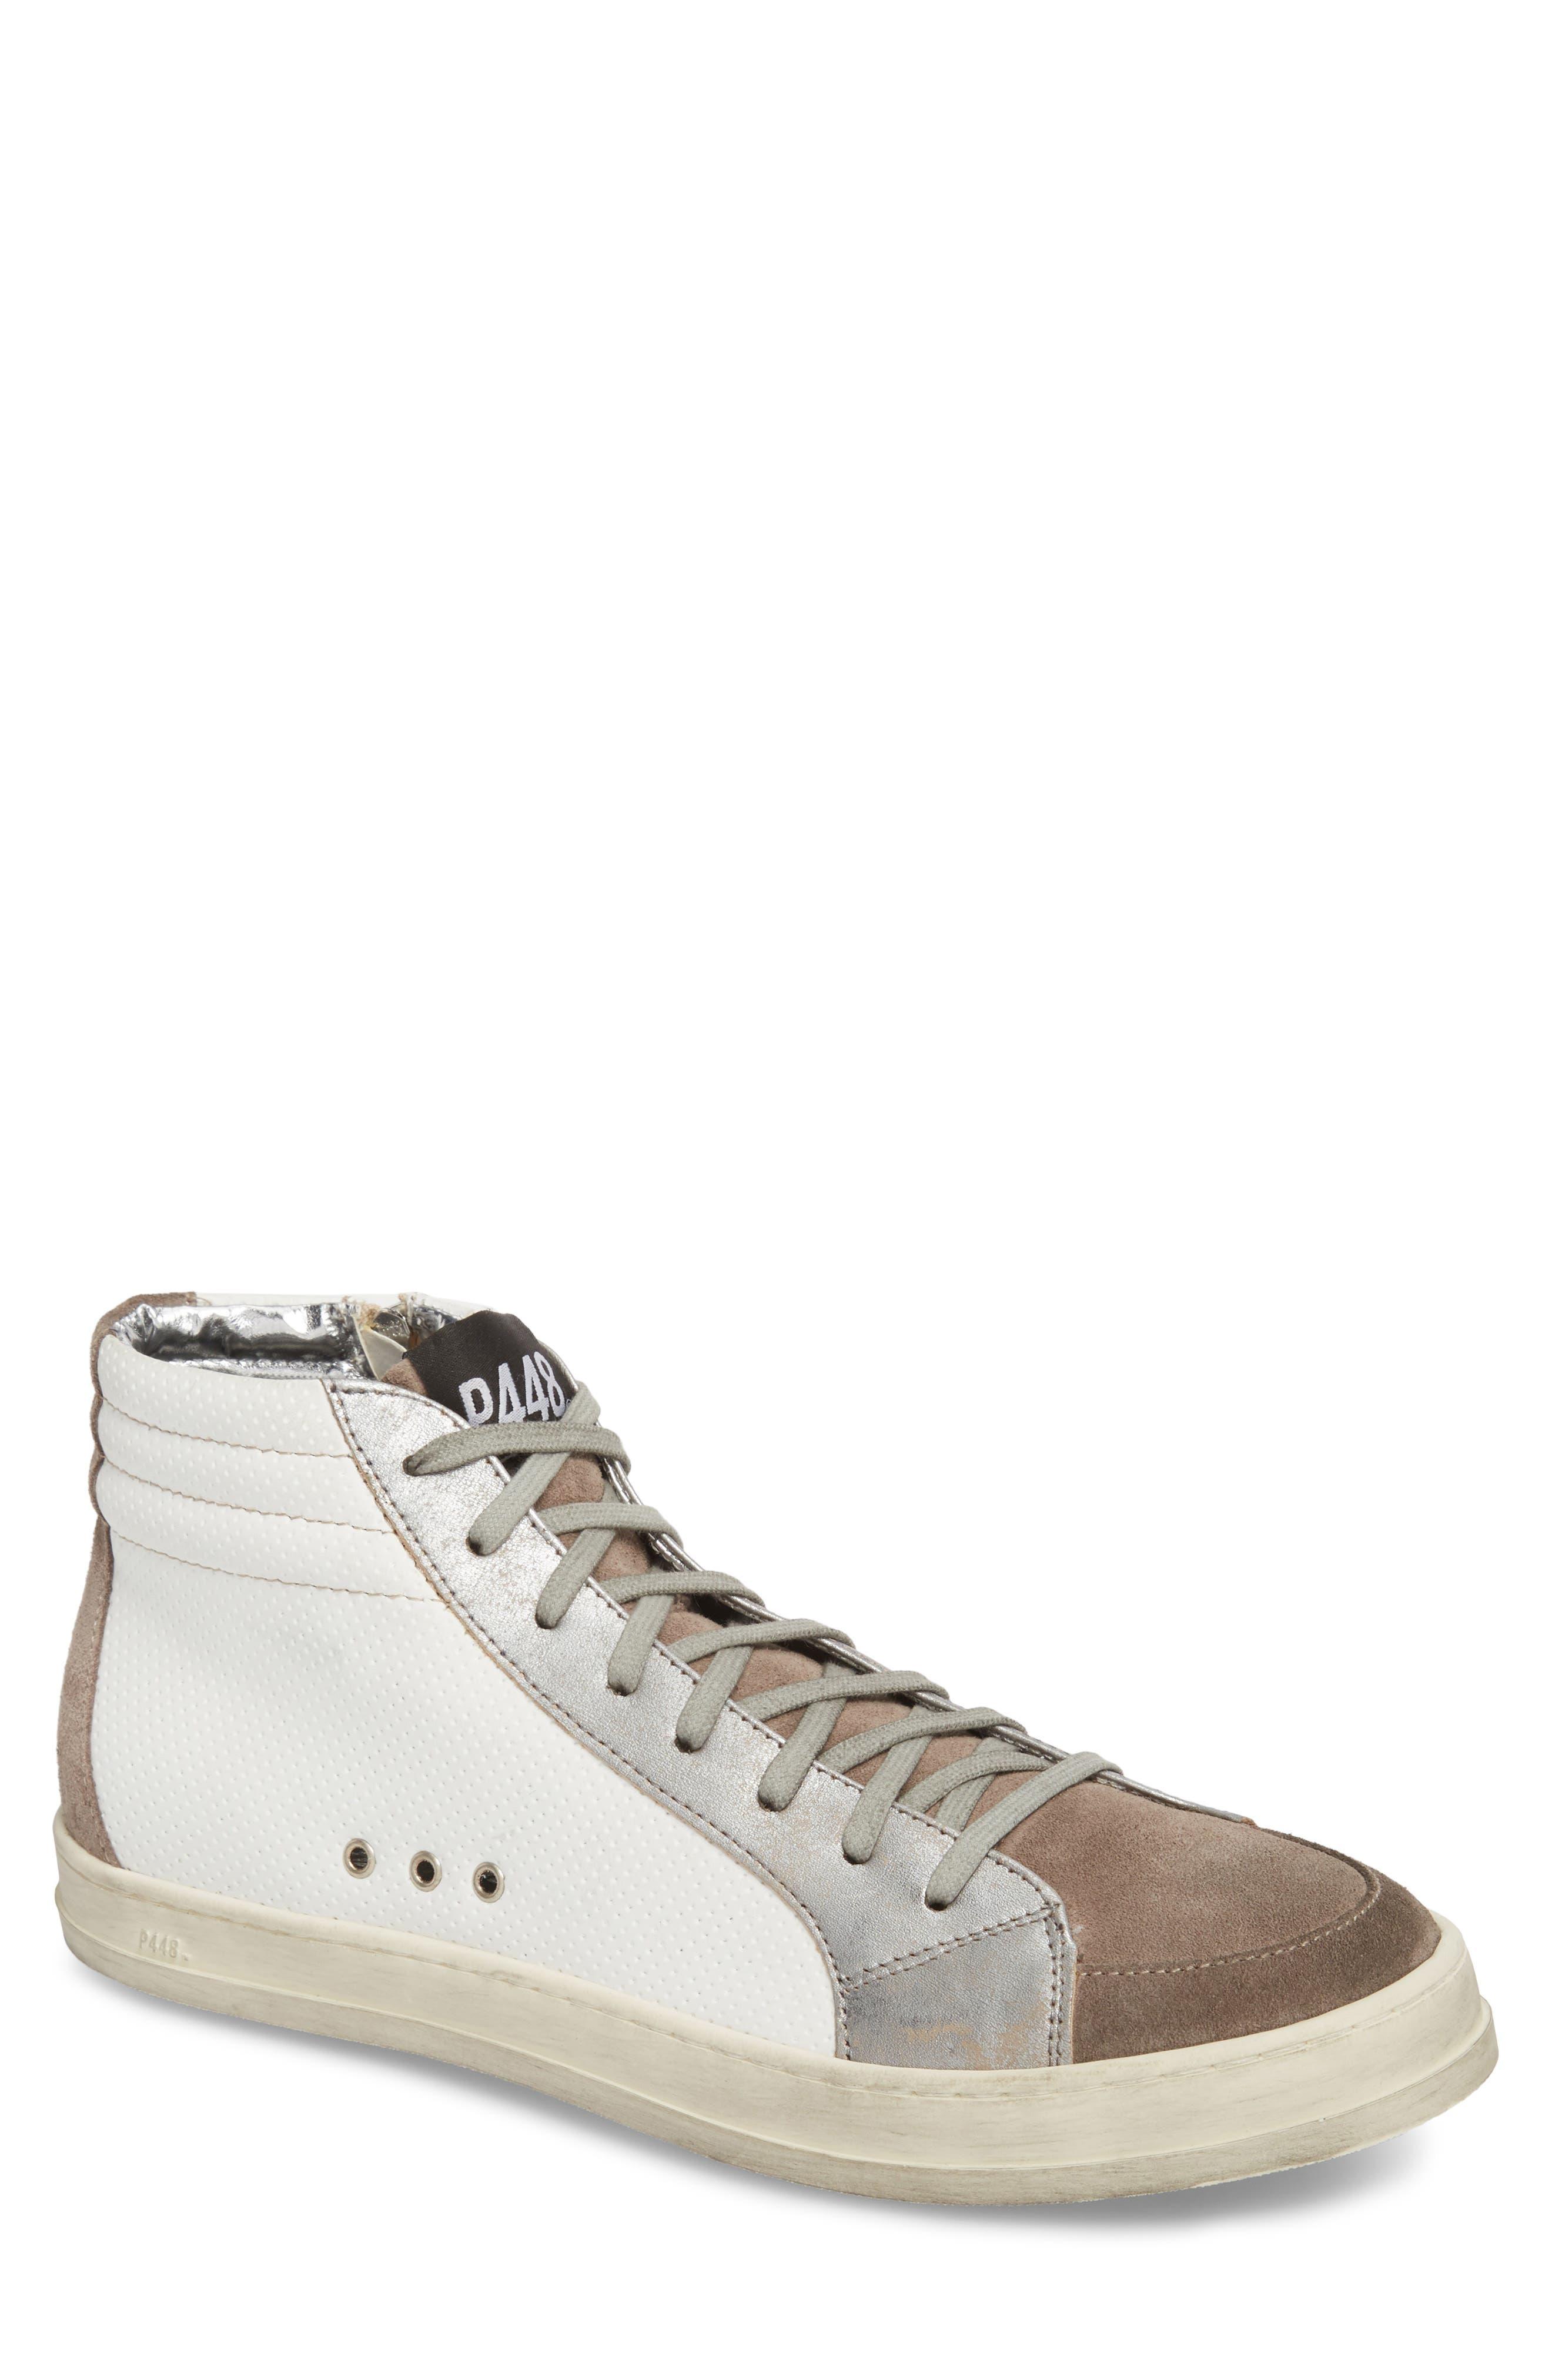 P448 Skate High Top Sneaker (Men)